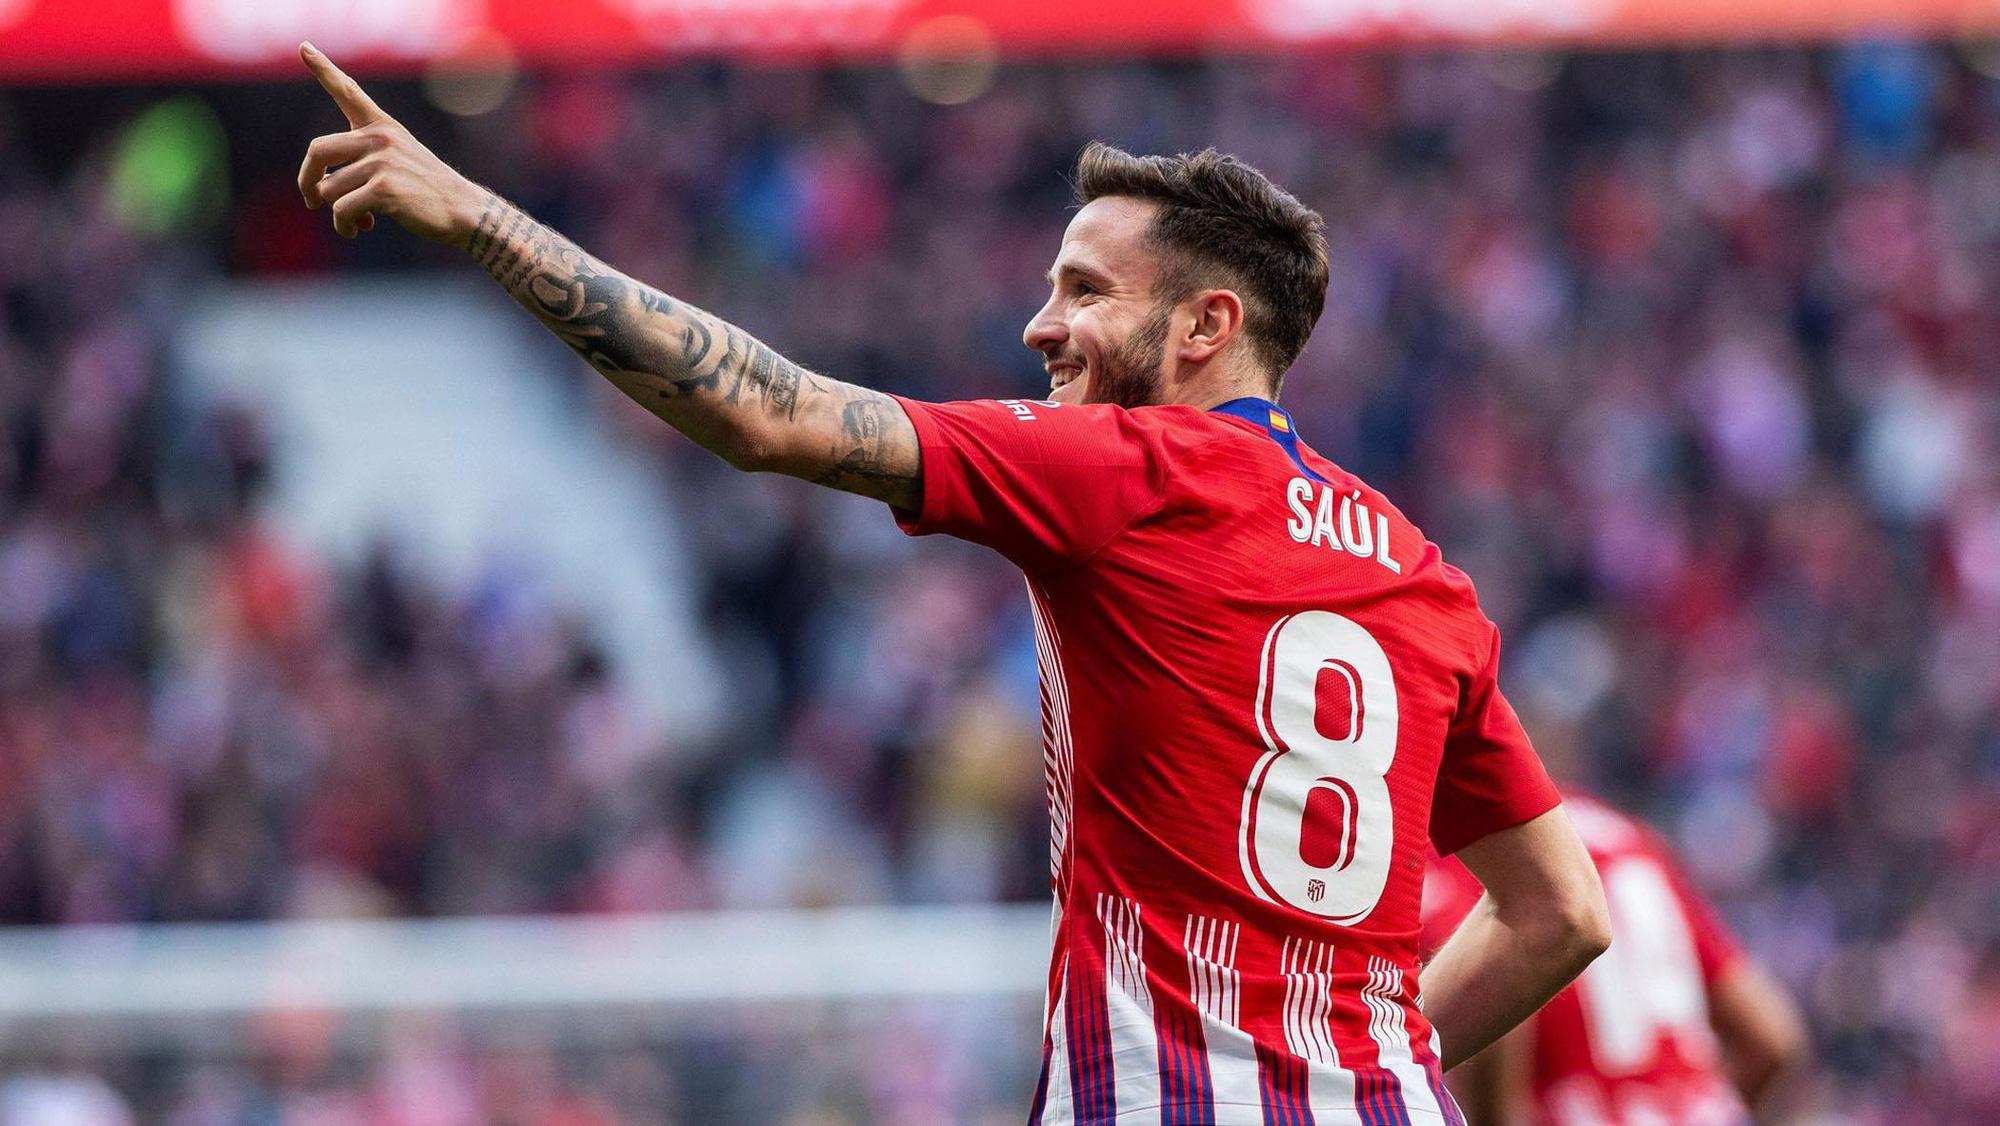 Saul Niguez sẽ mang áo số mấy tại Chelsea?